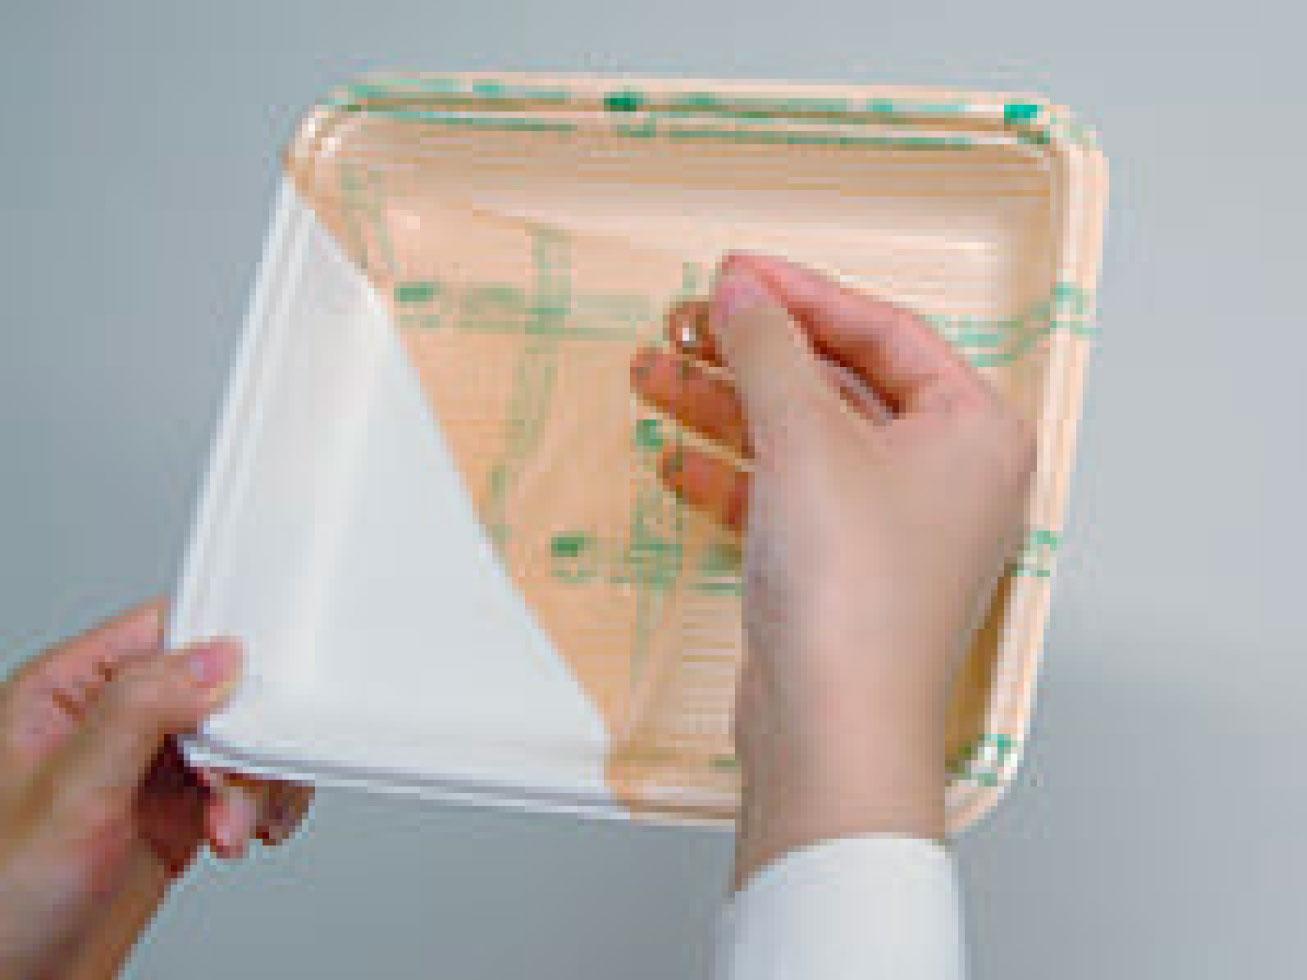 簡単にリサイクル!フィルム付き使い捨て容器「リ・リパック」